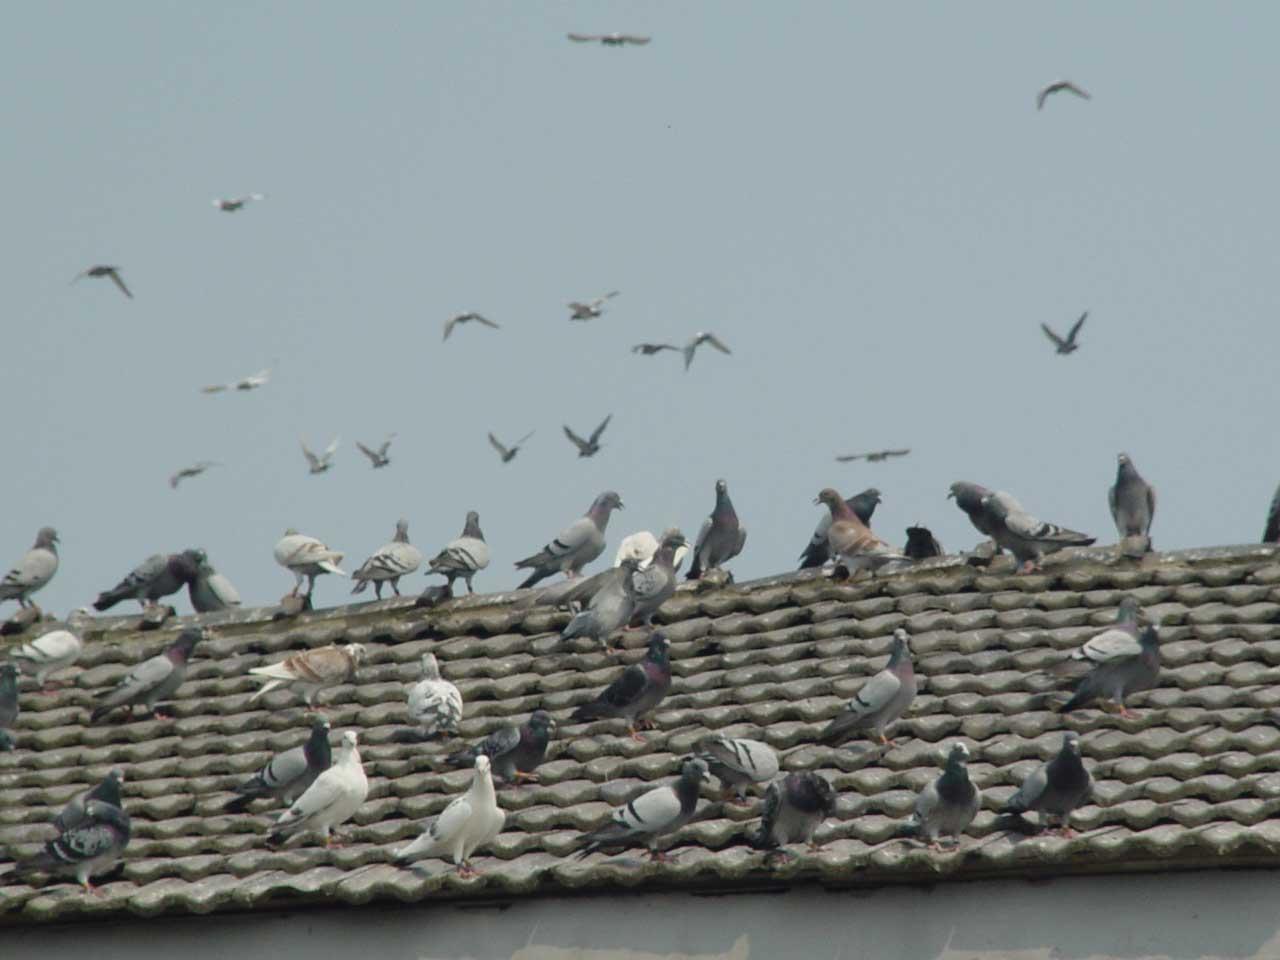 鸽子降落图片素材